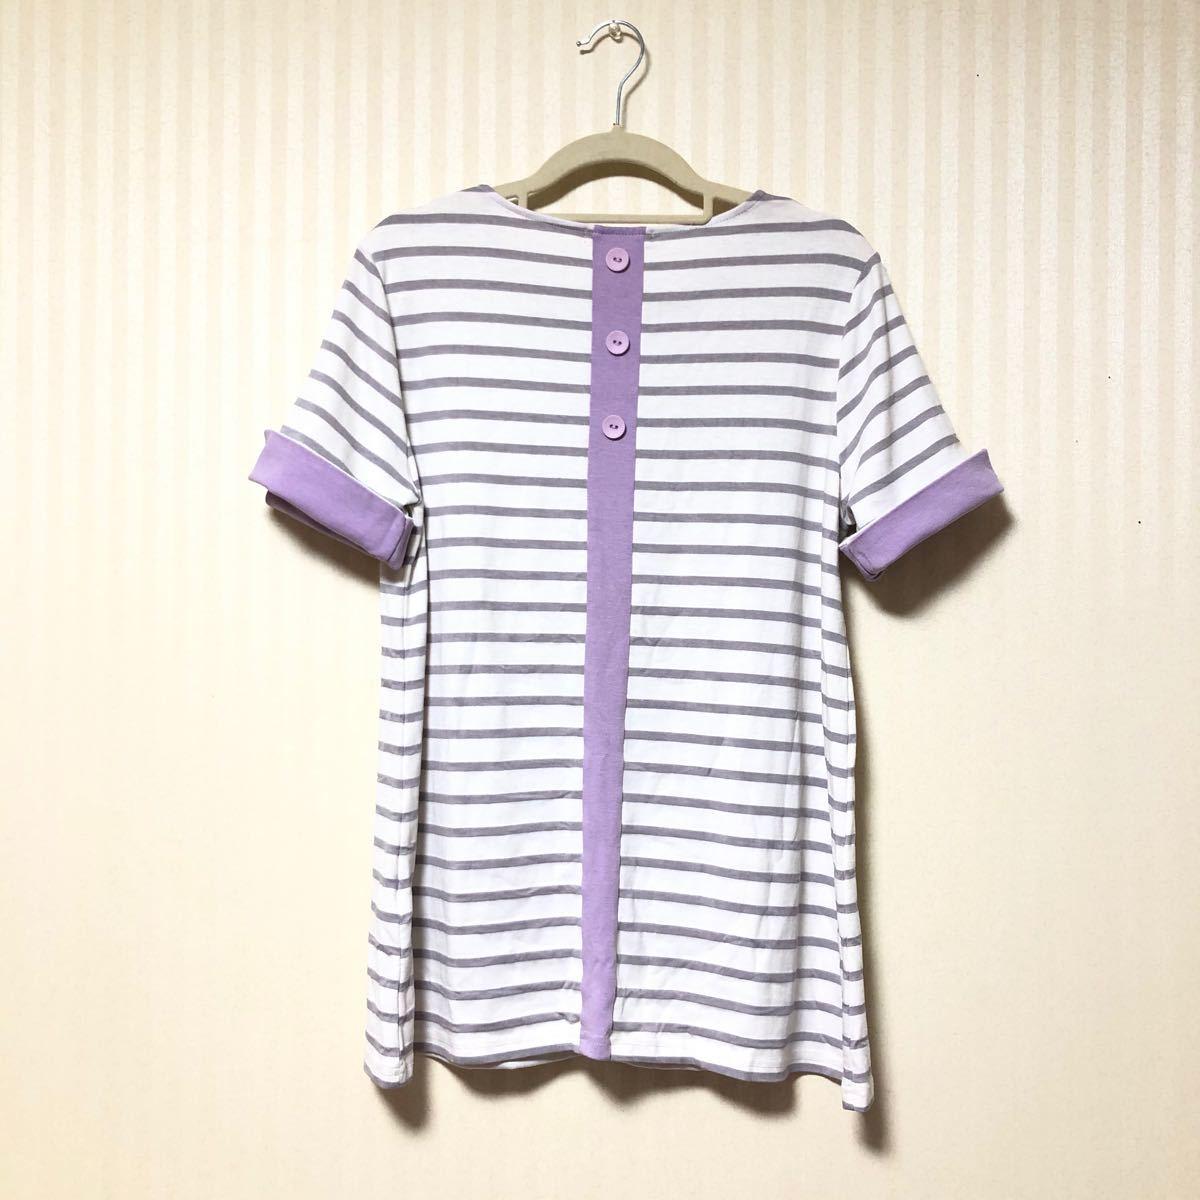 ボーダー チュニック 半袖 カットソー Tシャツ